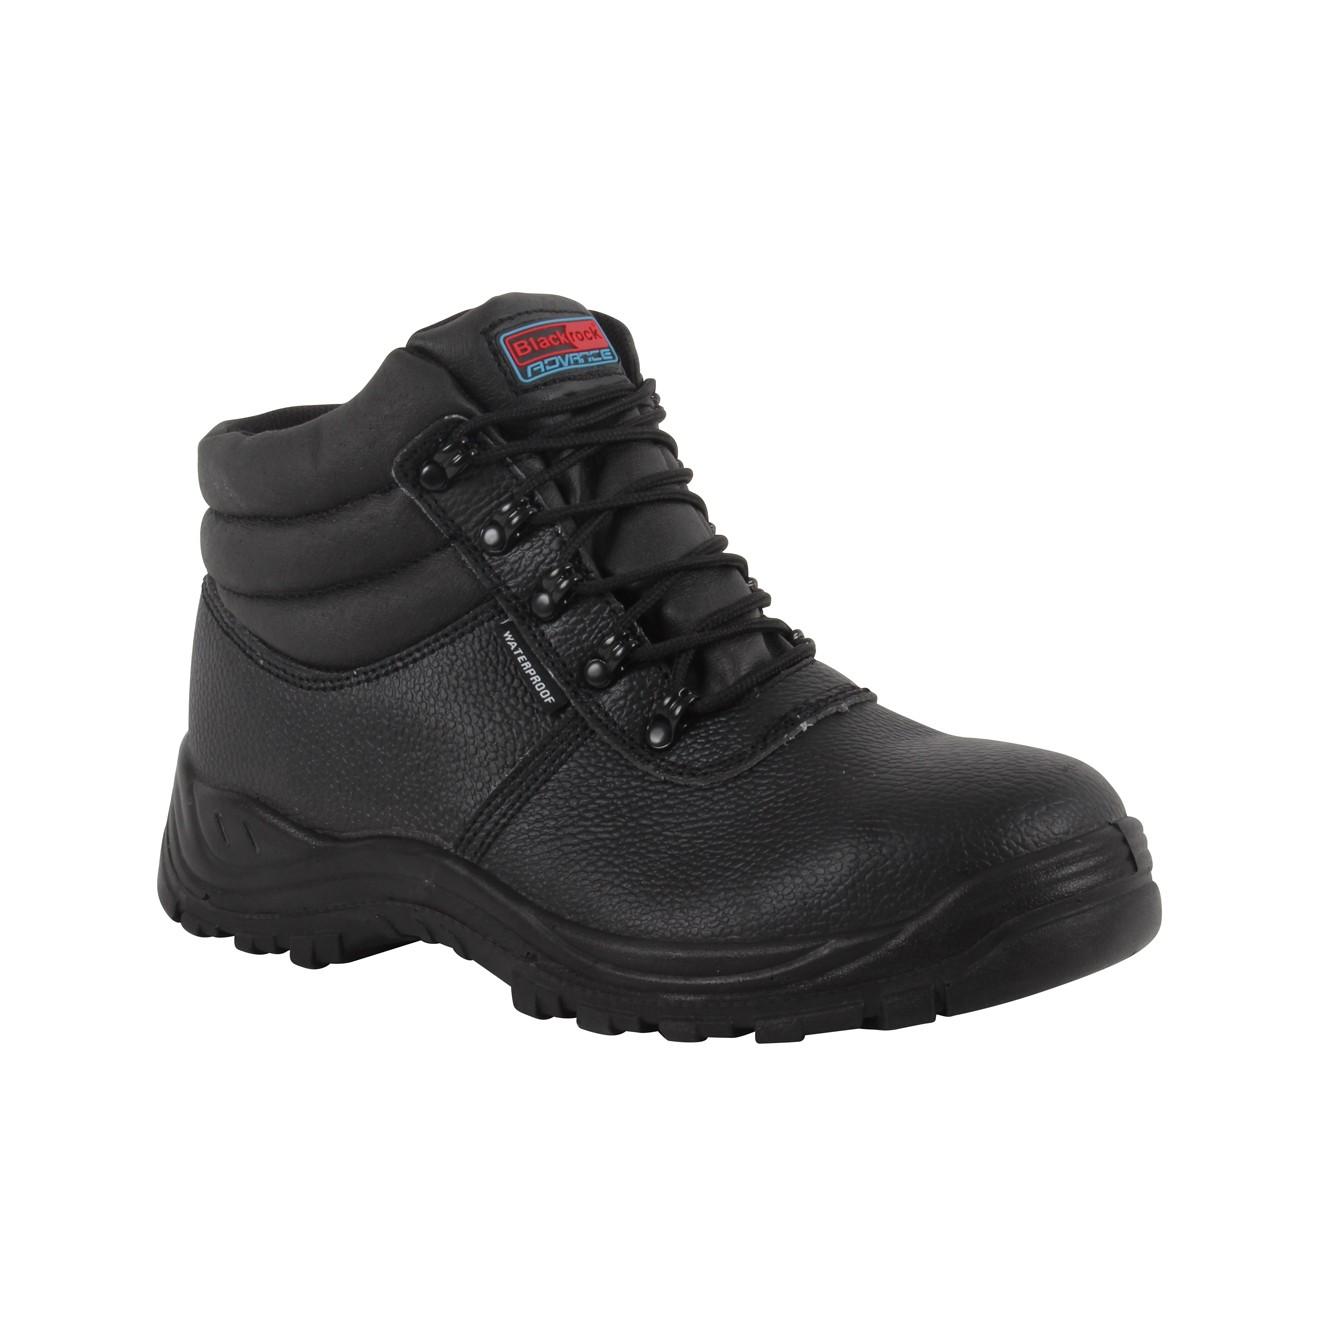 Waterproof Chukka Boots